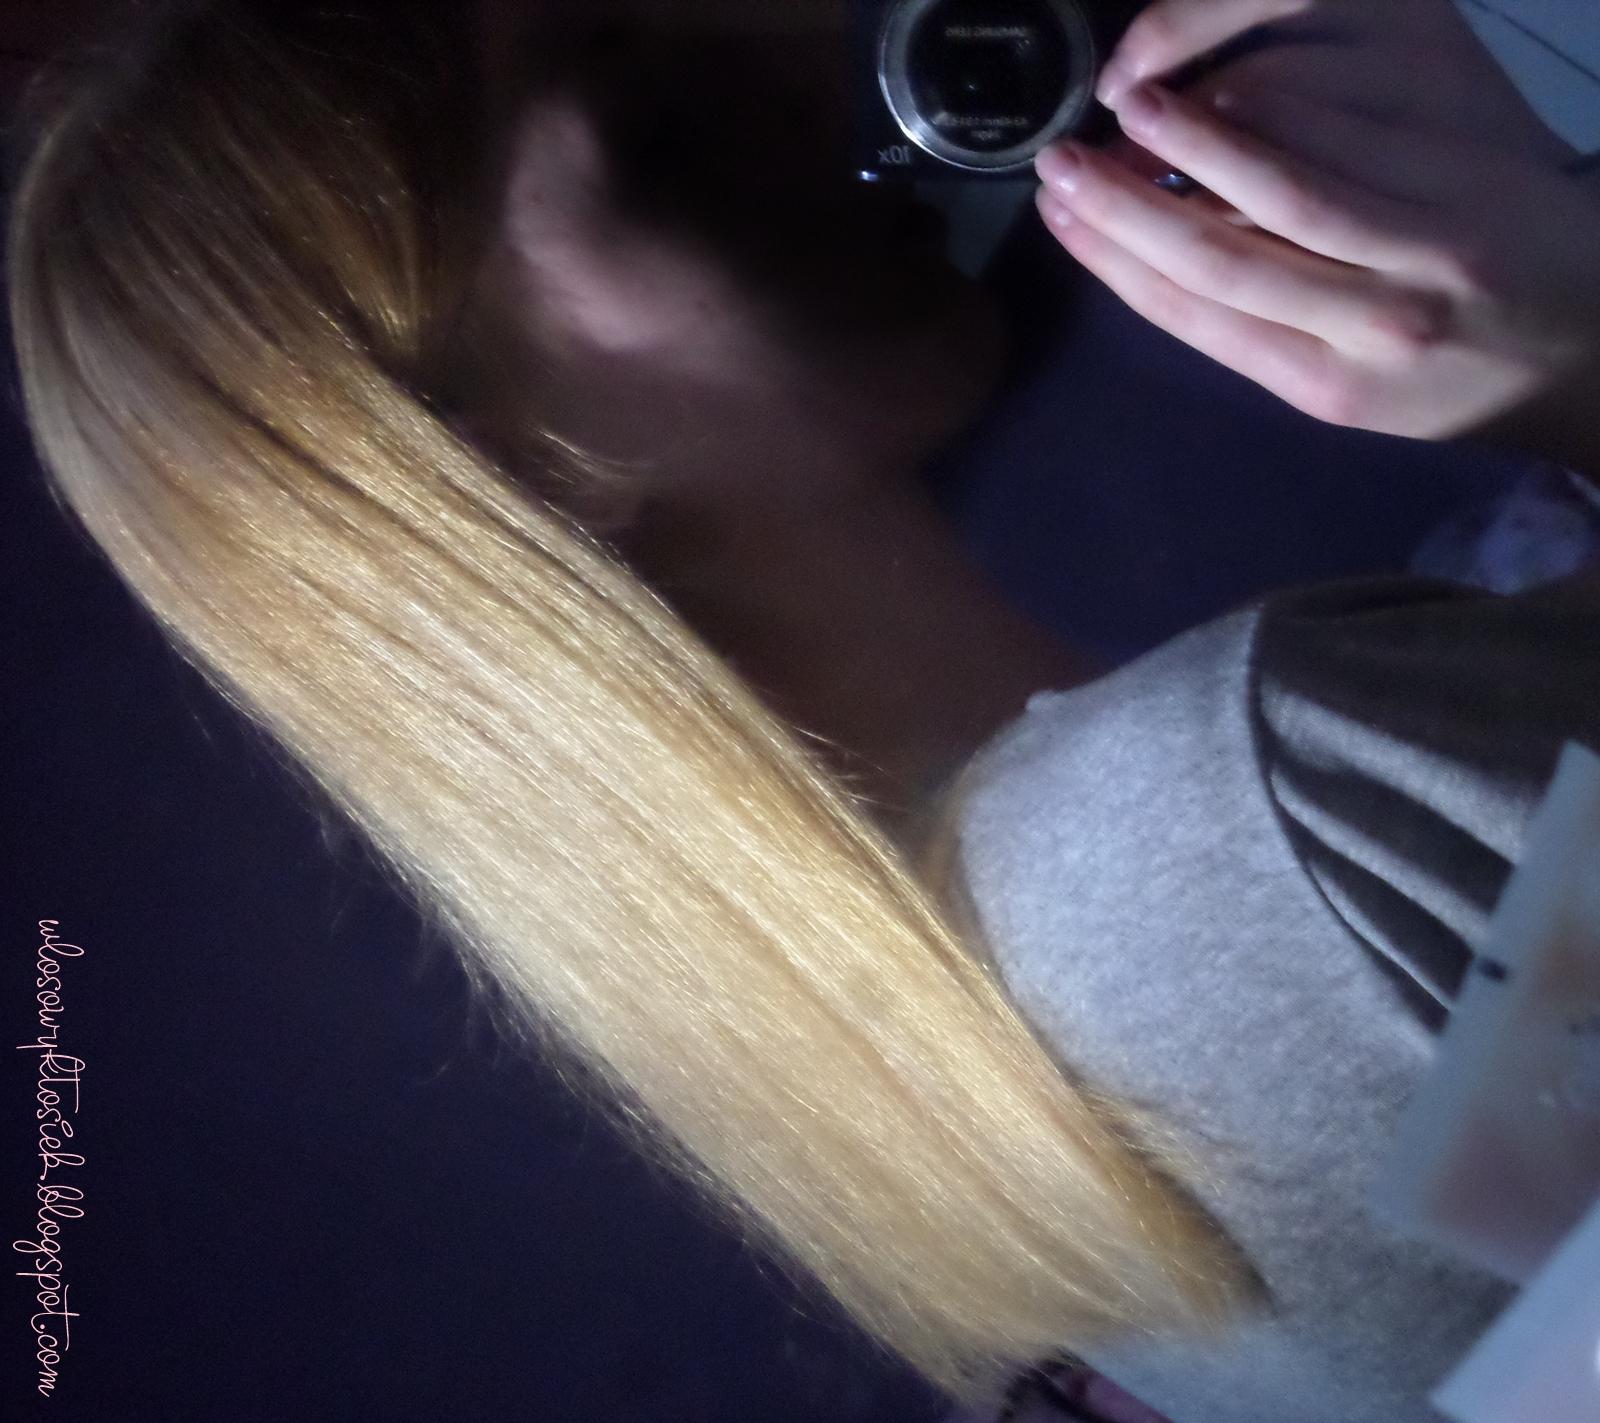 Niedziela dla włosów # 11- Być jak Kasia Solska, czyli kręcenie włosów na skarpetę (próbne podejście)